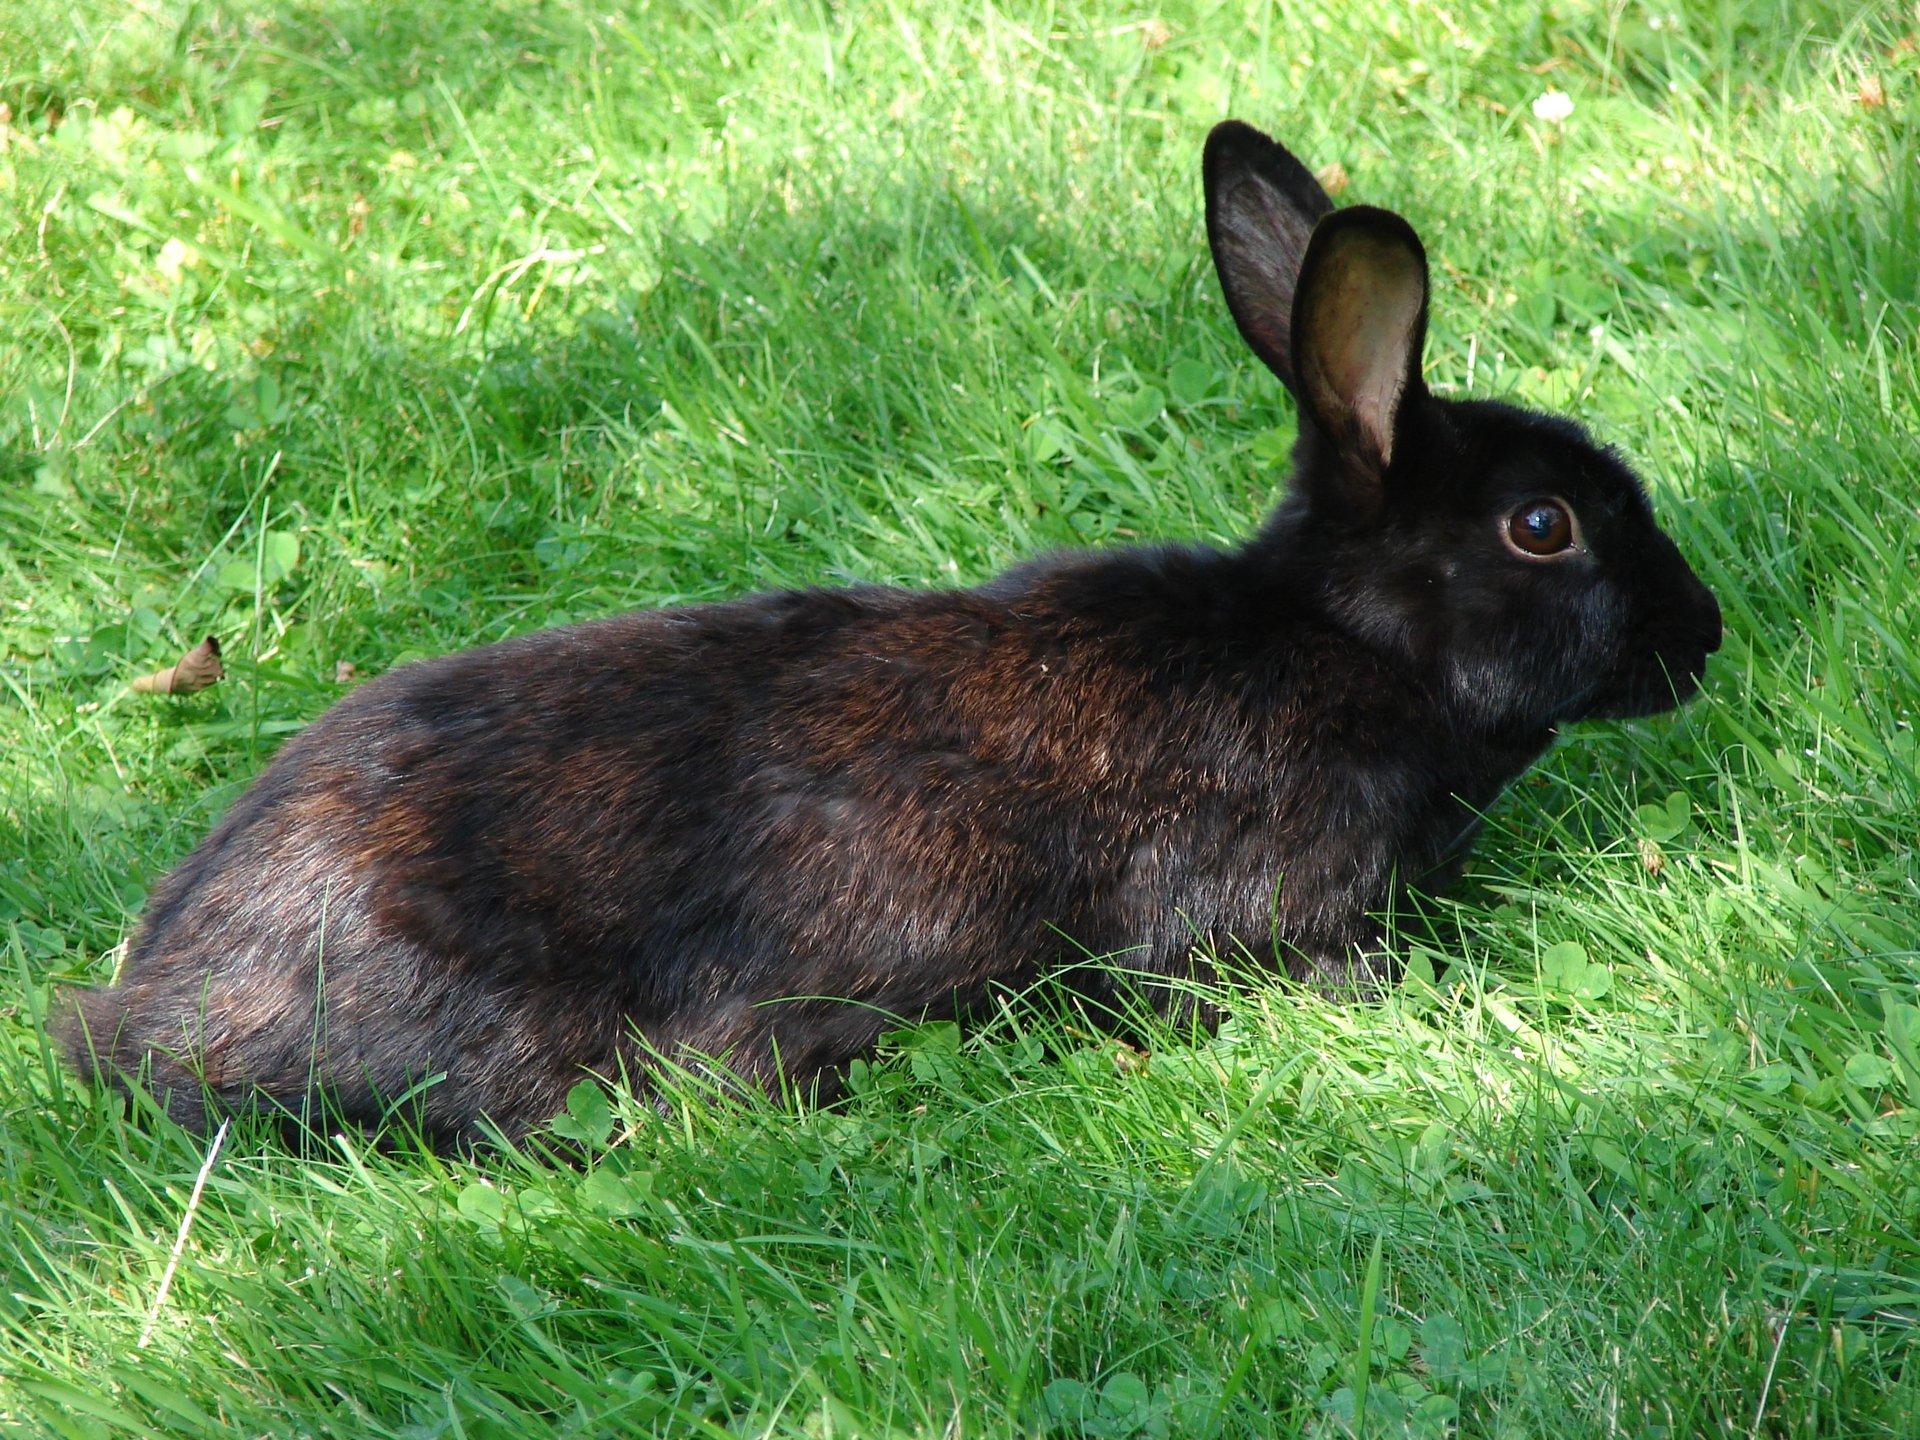 bunny-1391945-1920x1440